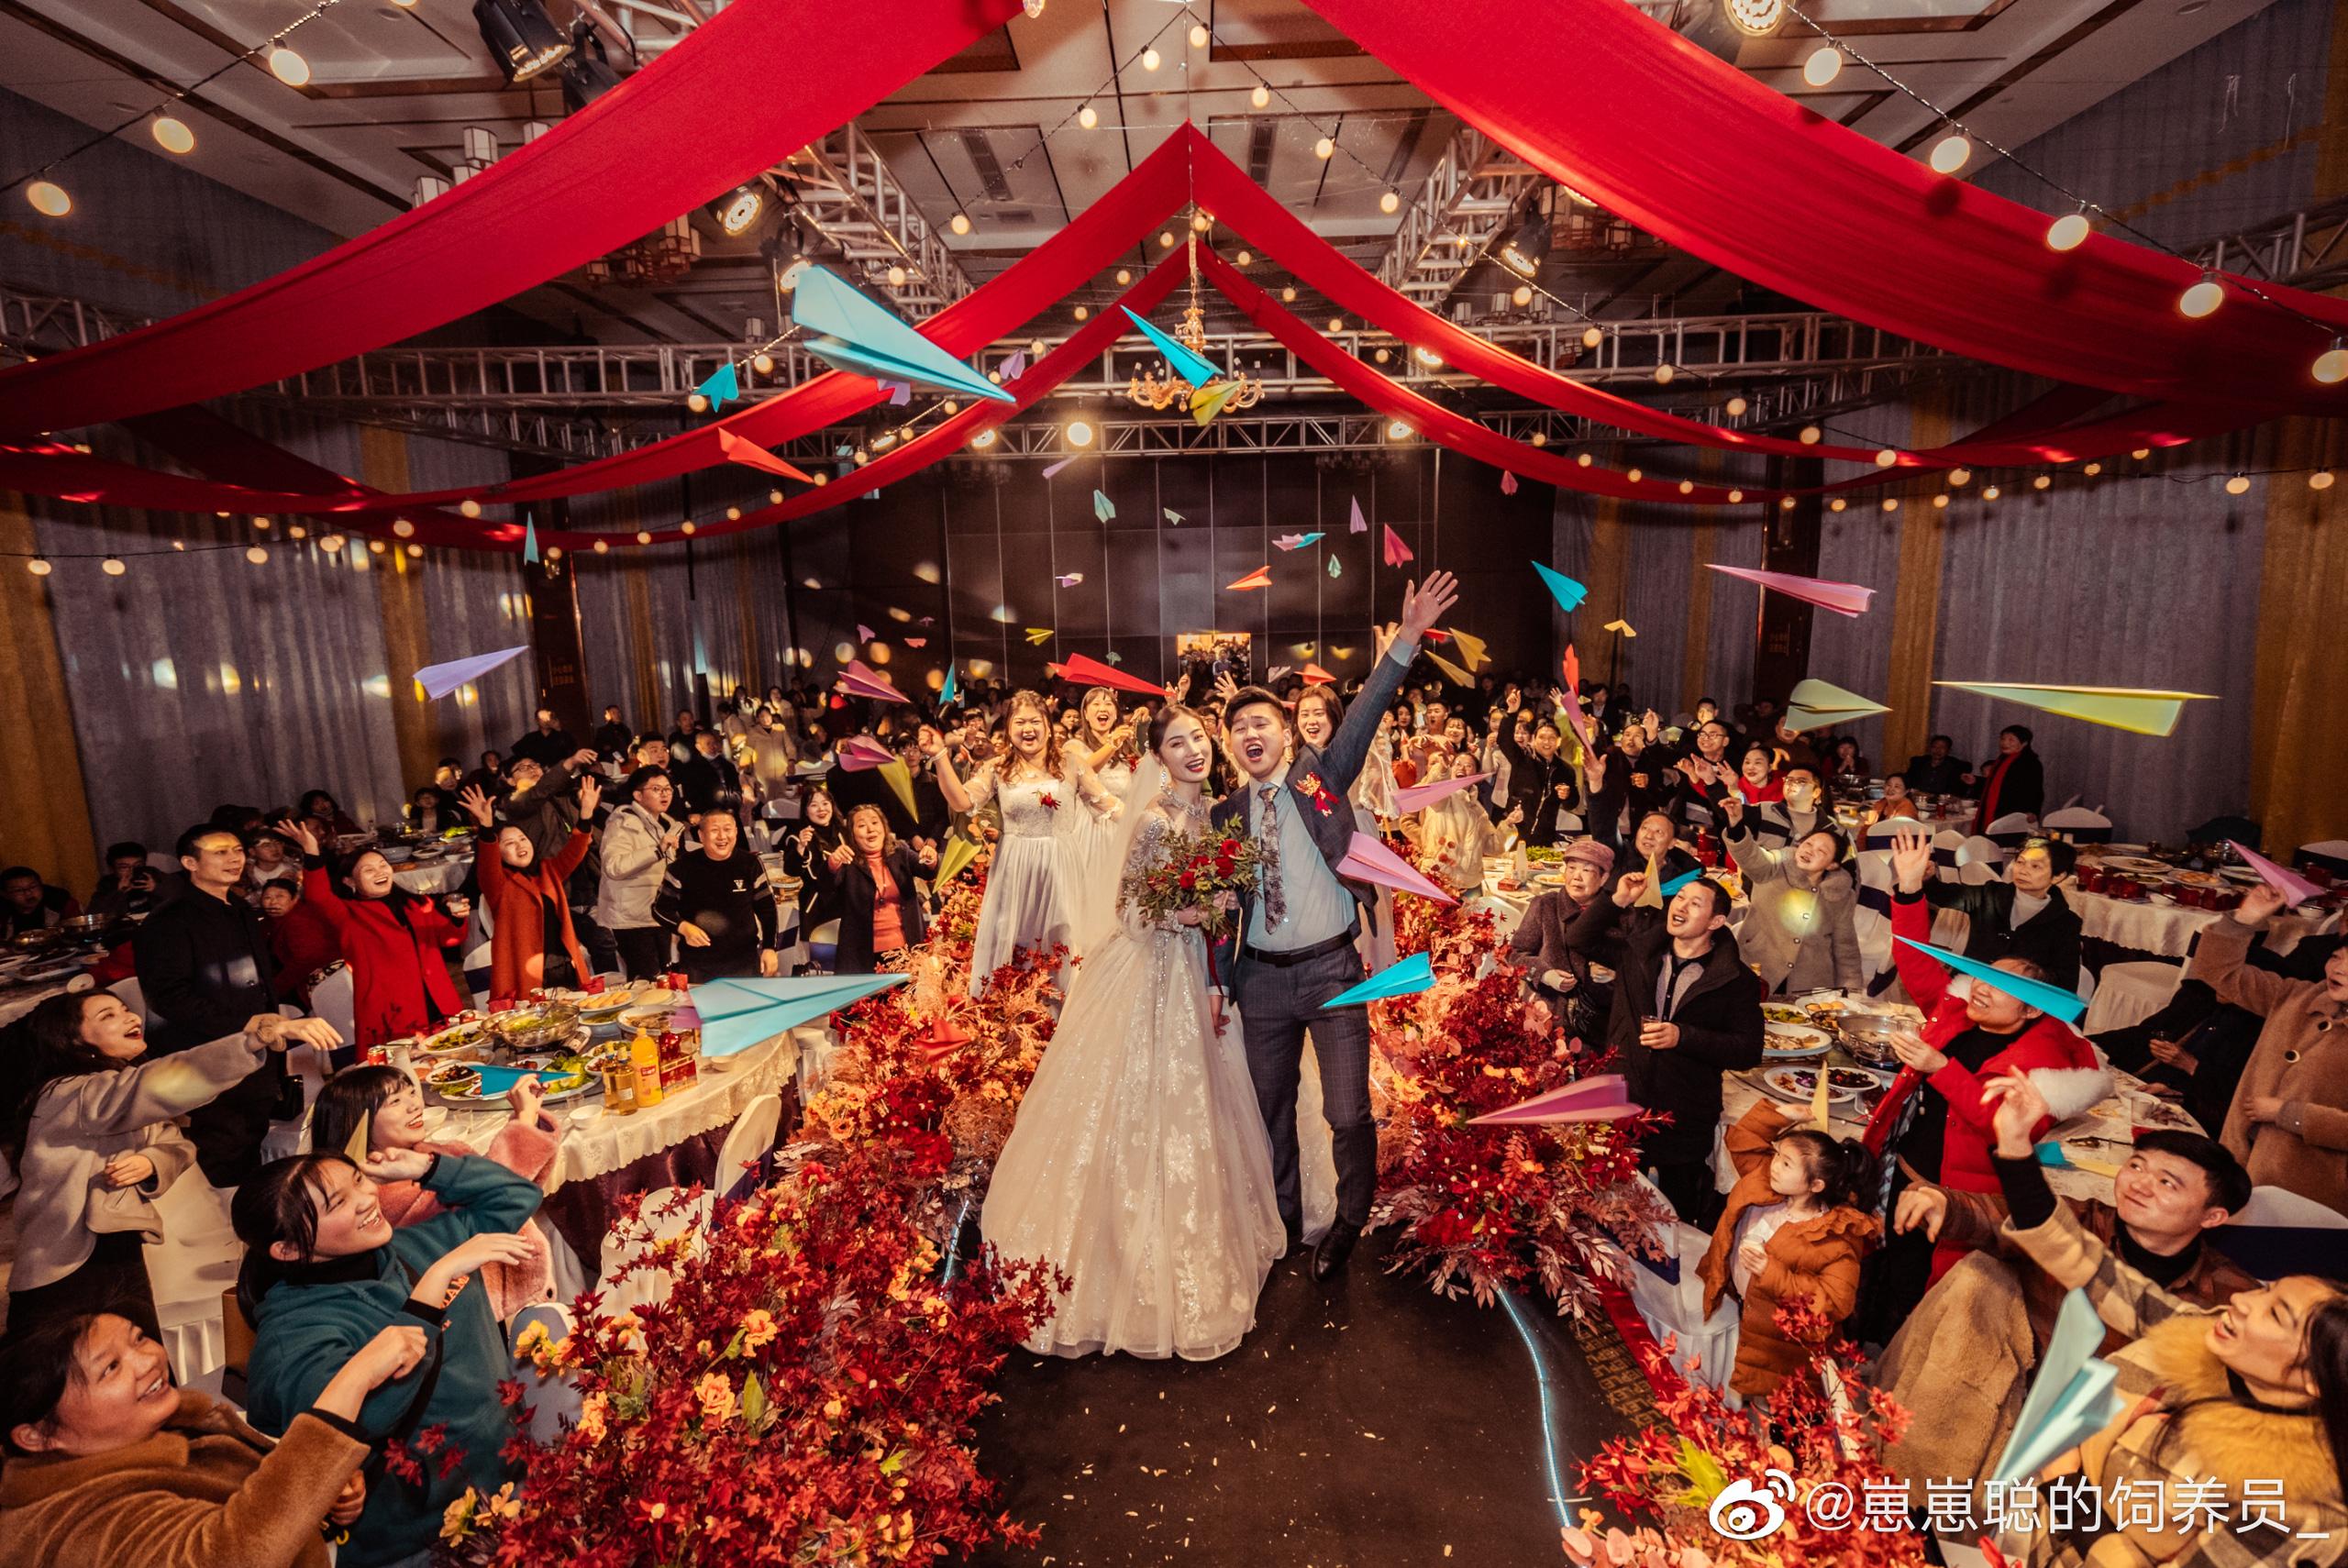 Hai bên cùng cưới - trào lưu kết hôn như ly hôn ở Trung Quốc: Cuộc sống nhân đôi, giới trẻ giãy giụa trong vũng lầy tham vọng của gia đình - Ảnh 1.